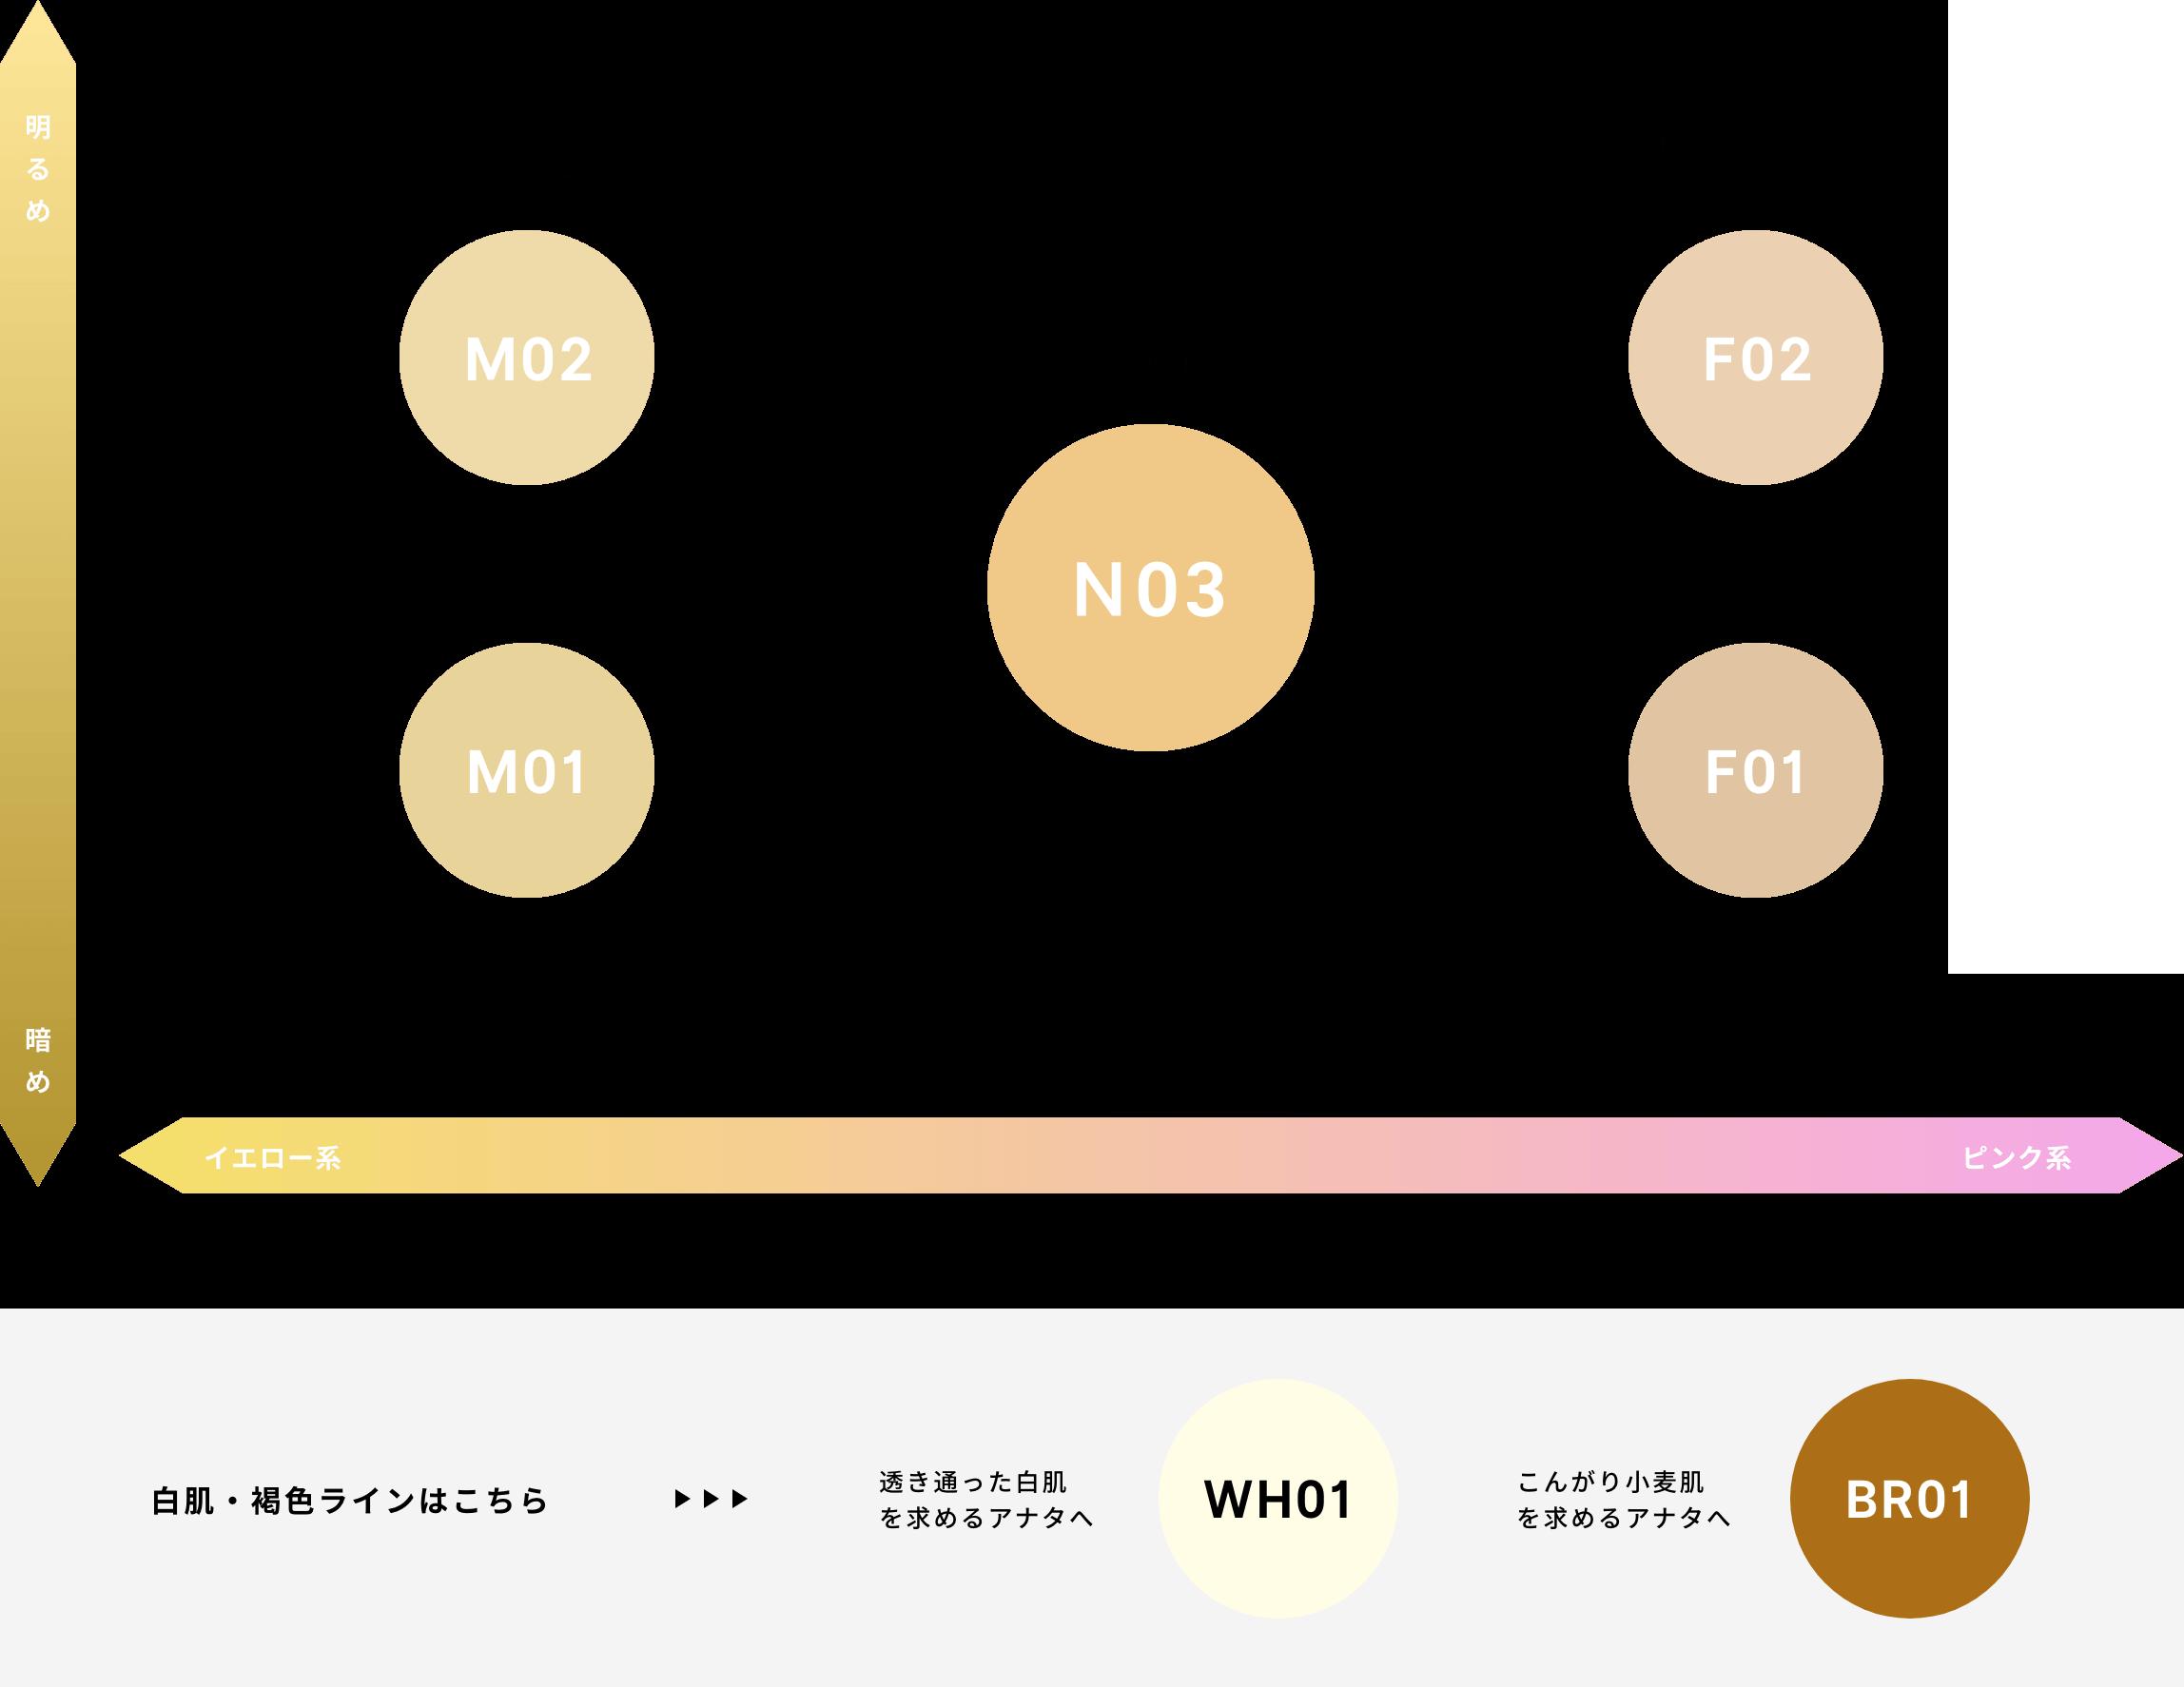 イエロー系 ピンク系 明るめ 暗め ライトベージュ(やや明るめ) ナチュラルオークル(標準肌) ライトピンクベージュ(やや明るめ) ベージュ ピンクベージュ 白肌・褐色ラインはこちら 透き通った白肌を求めるアナタへ こんがり小麦肌を求めるアナタへ